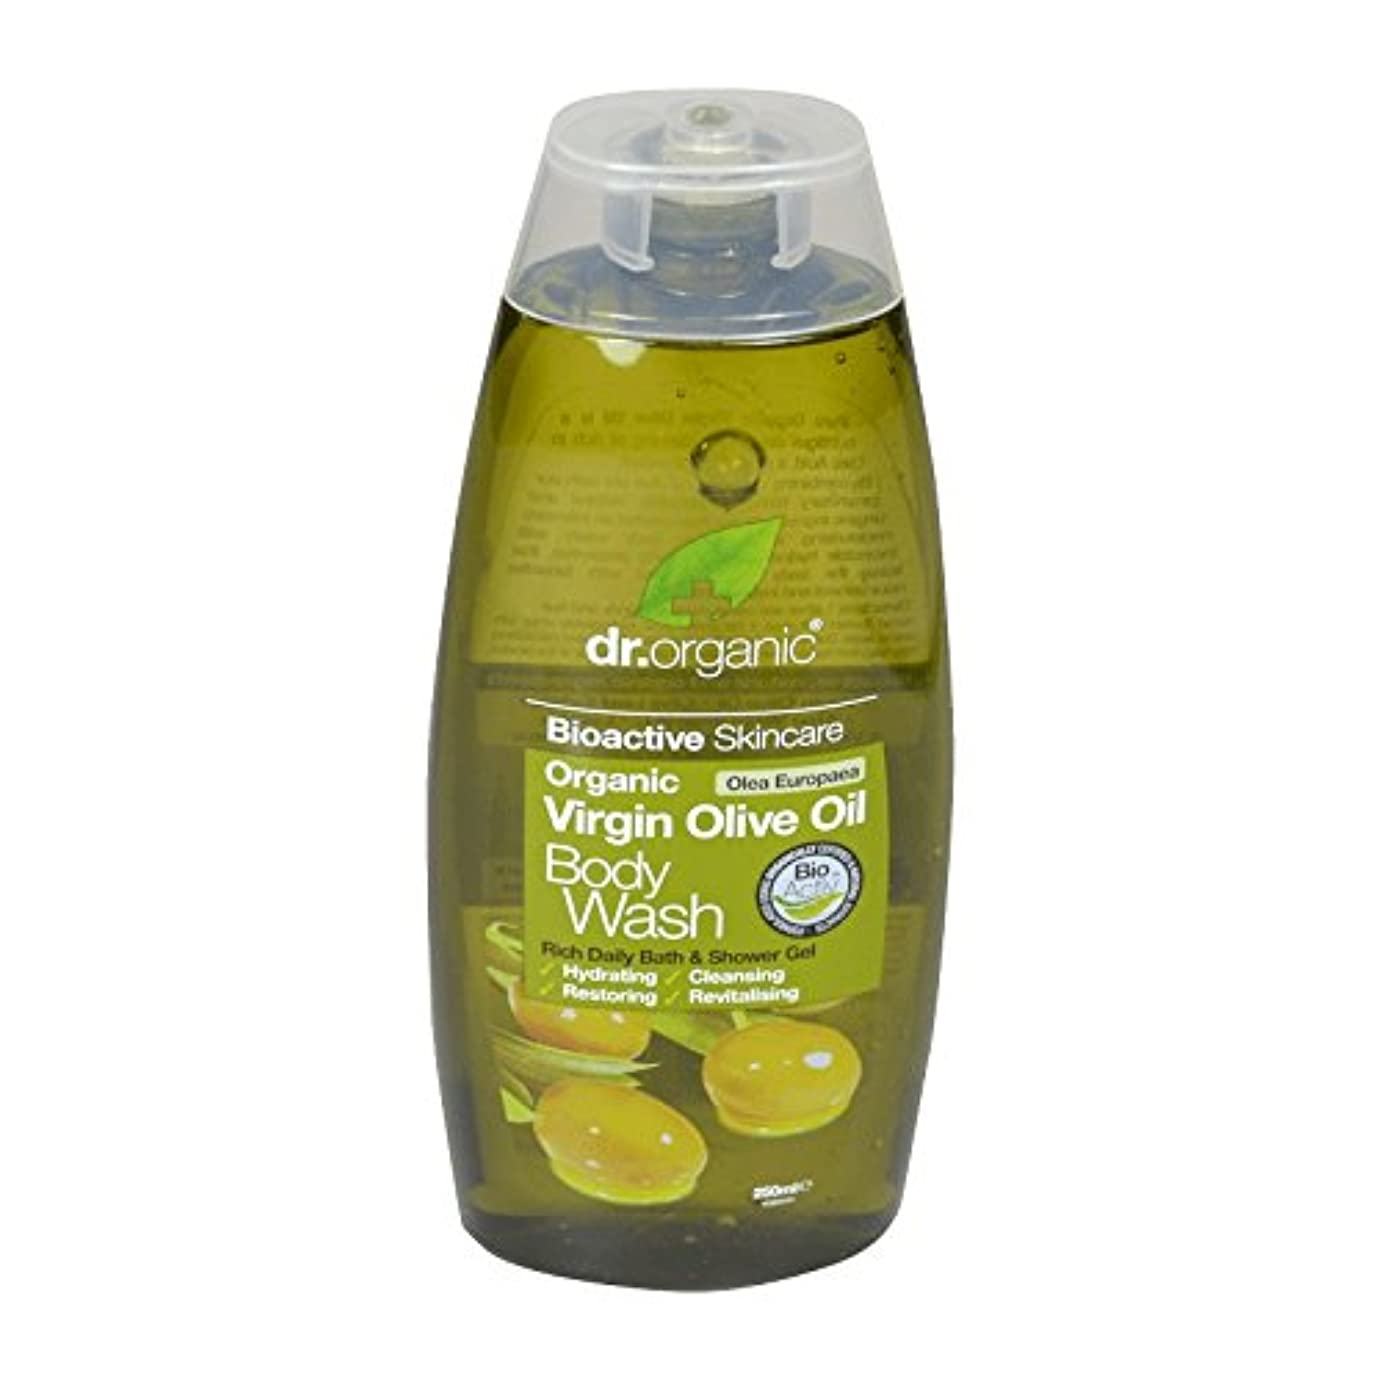 入植者広範囲に親愛なDr有機バージンオリーブオイルボディウォッシュ - Dr Organic Virgin Olive Oil Body Wash (Dr Organic) [並行輸入品]